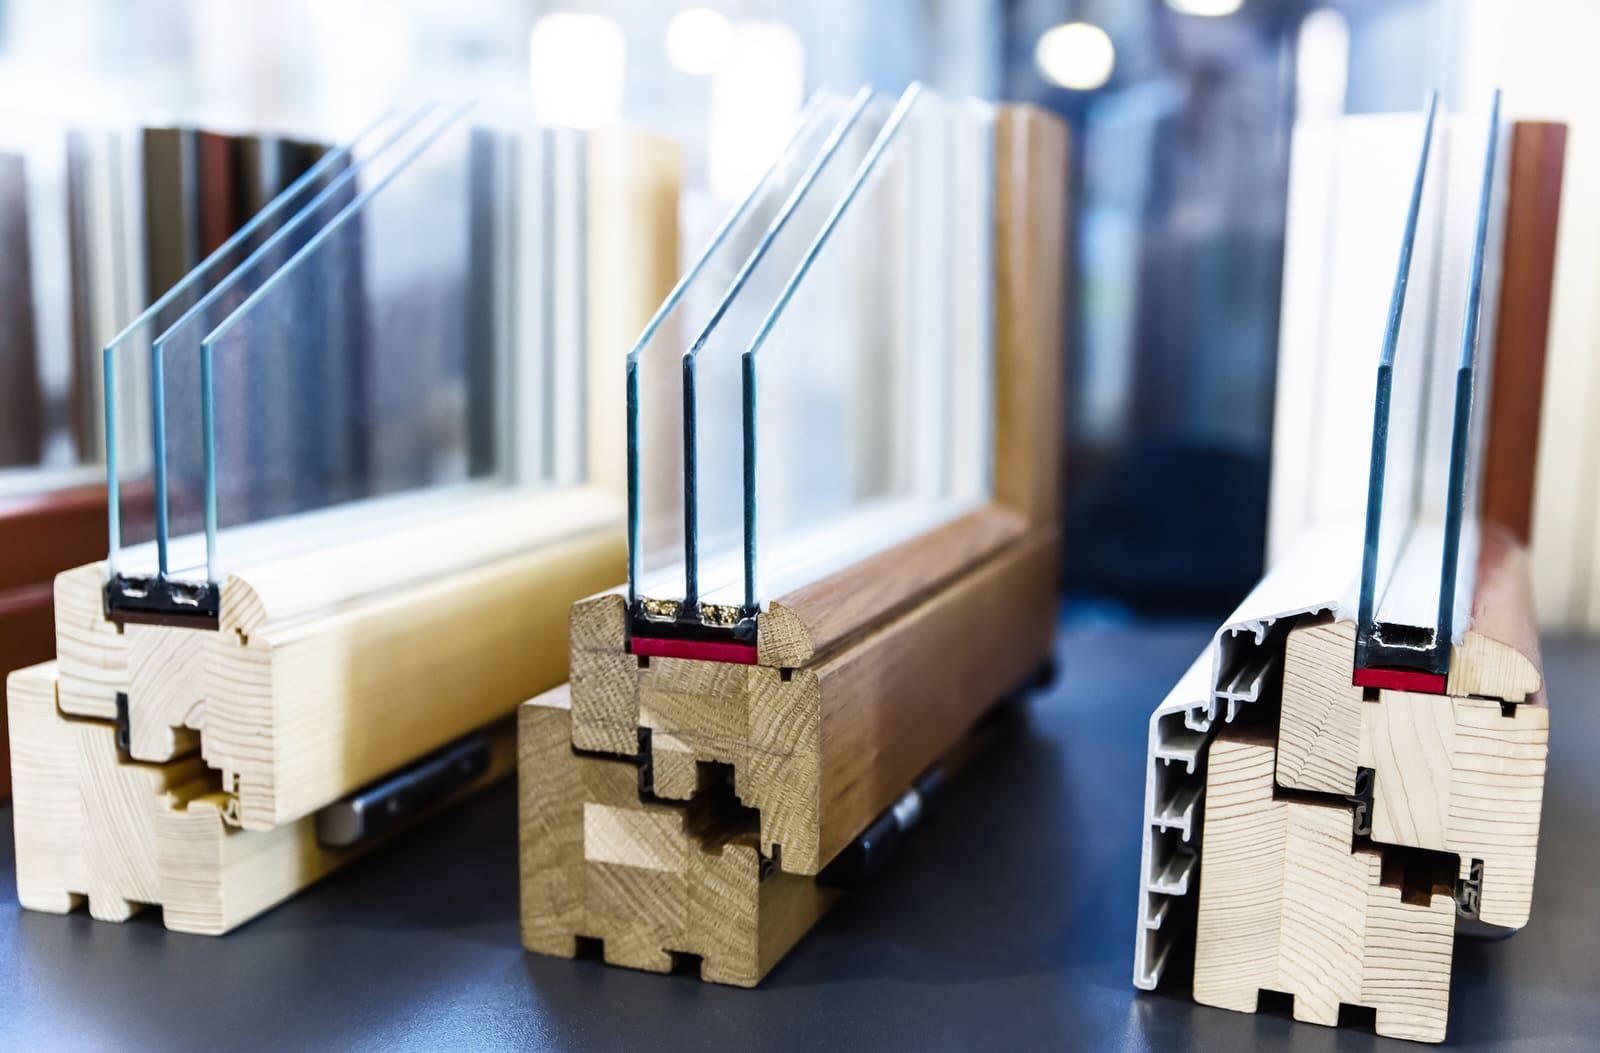 Full Size of Alu Fenster Holz Kosten Diese Preise Mssen Sie Planen Heimhelden Türen Bauhaus Sichtschutzfolie Einseitig Durchsichtig Einbauen Günstige Neue Fenster Alu Fenster